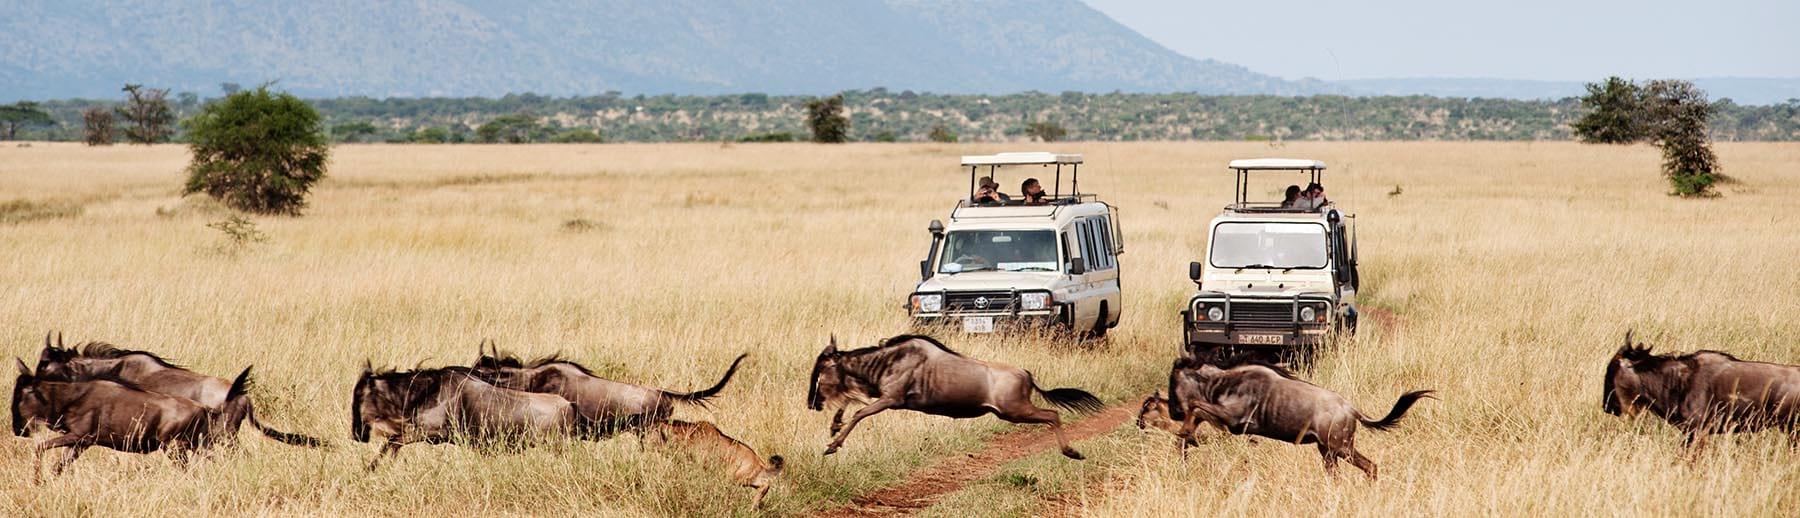 Gnuer fotografert på safari i Afrika